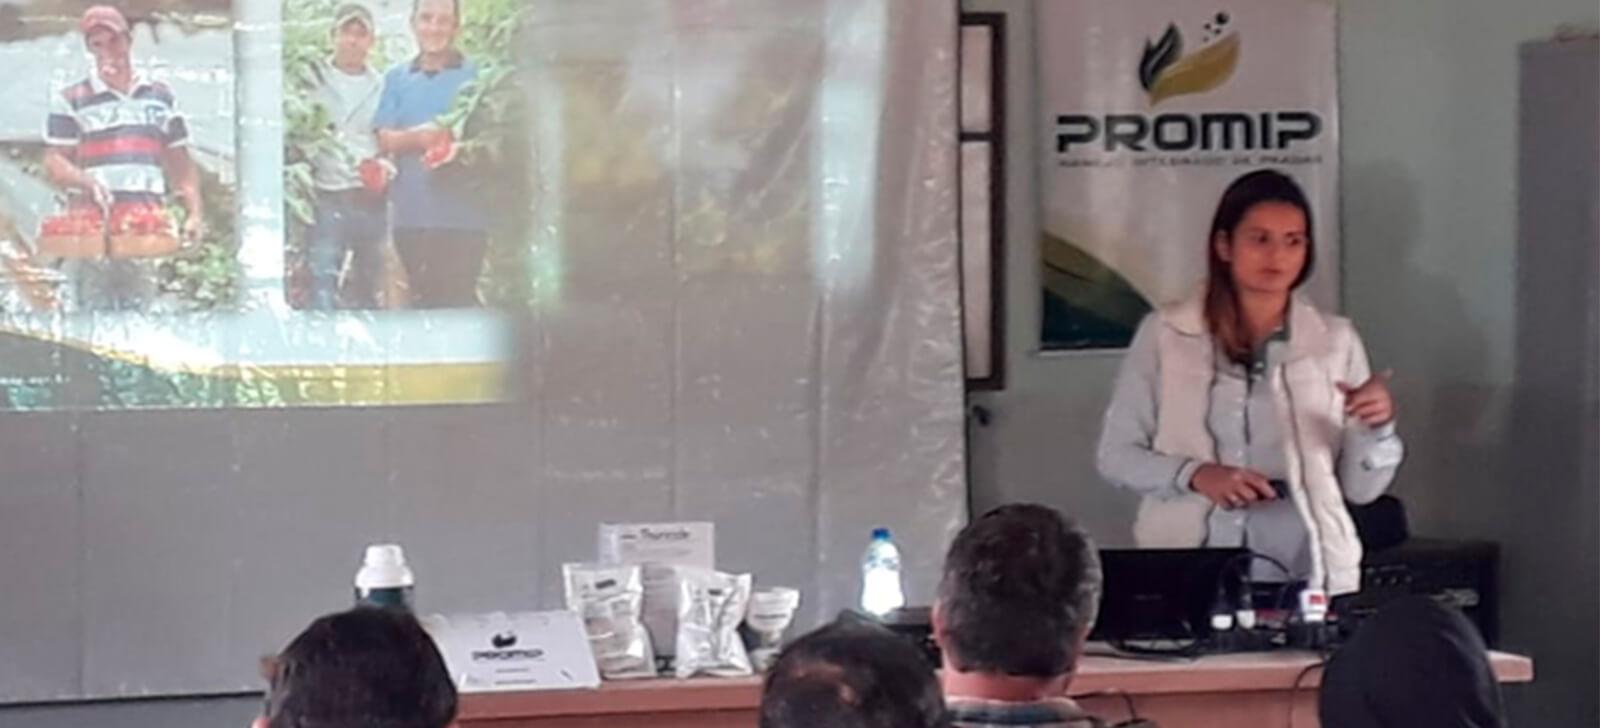 promip manejo integrado de pragas controle biologico manejo biologico de pragas e destaque em treinamento dirigido a produtores final (2)